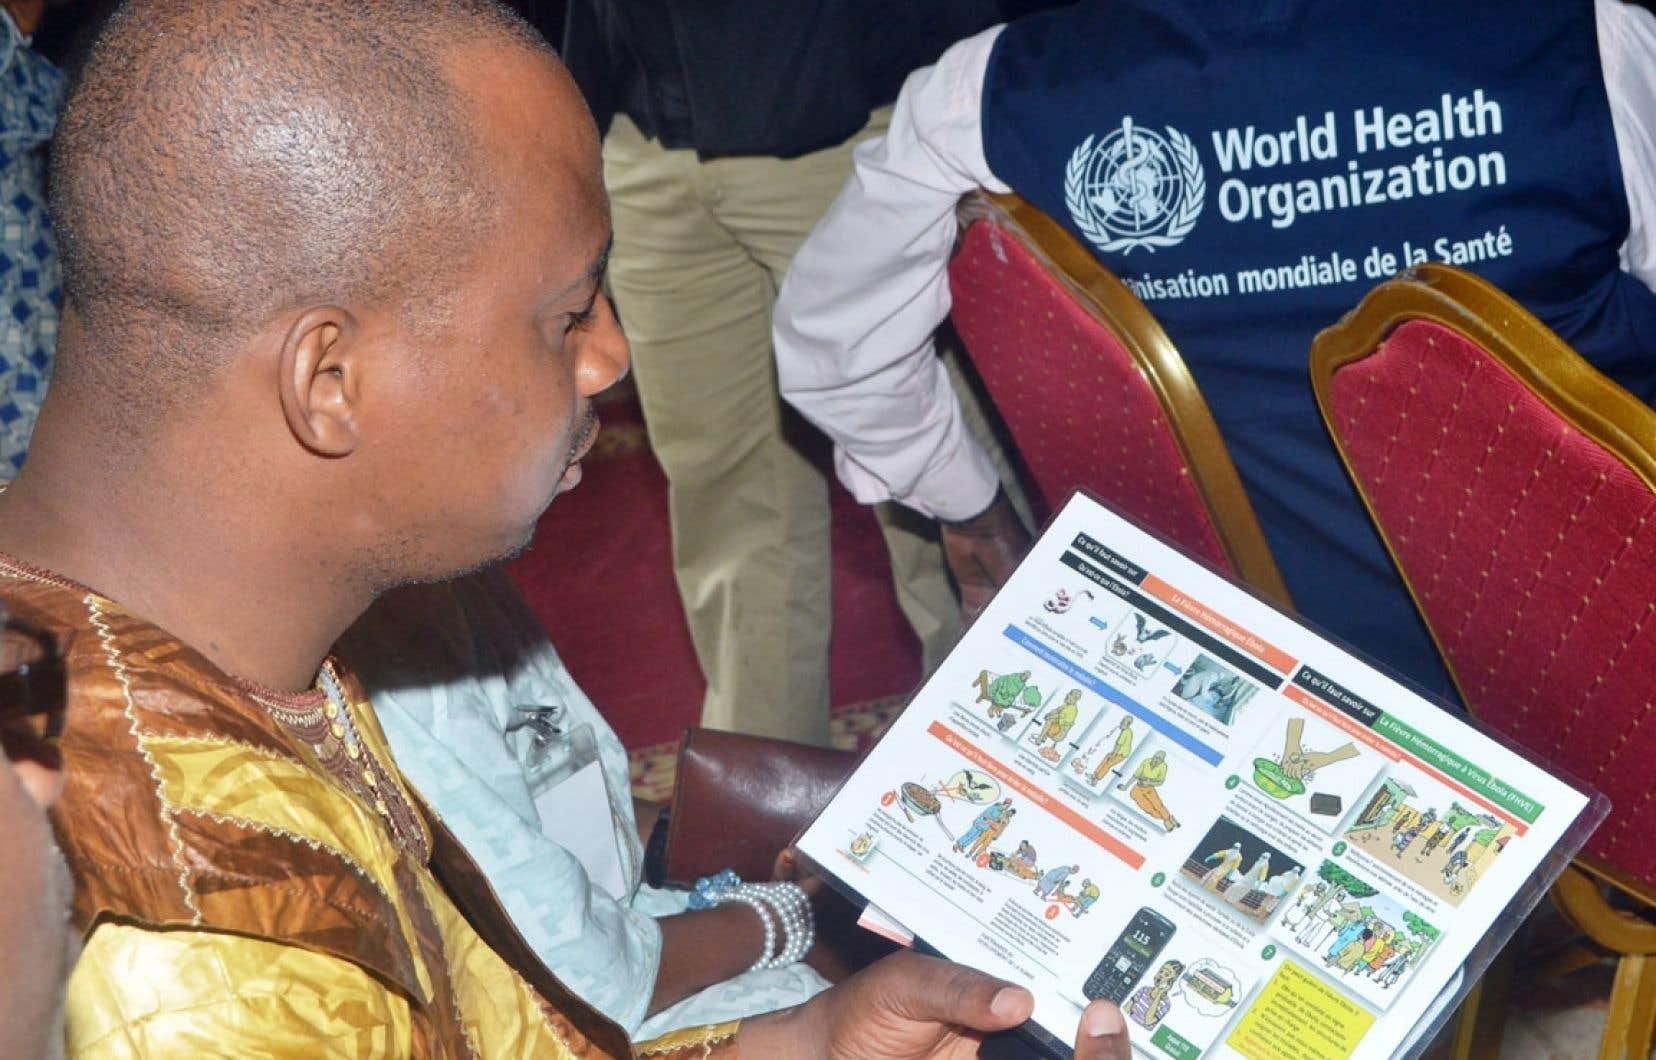 Un sommet à Conakry, en Guinée, s'est tenu vendredi pour lancer un plan augmentant le nombre de travailleurs humanitaires déployés sur le terrain et augmentant les mesures de prévention.